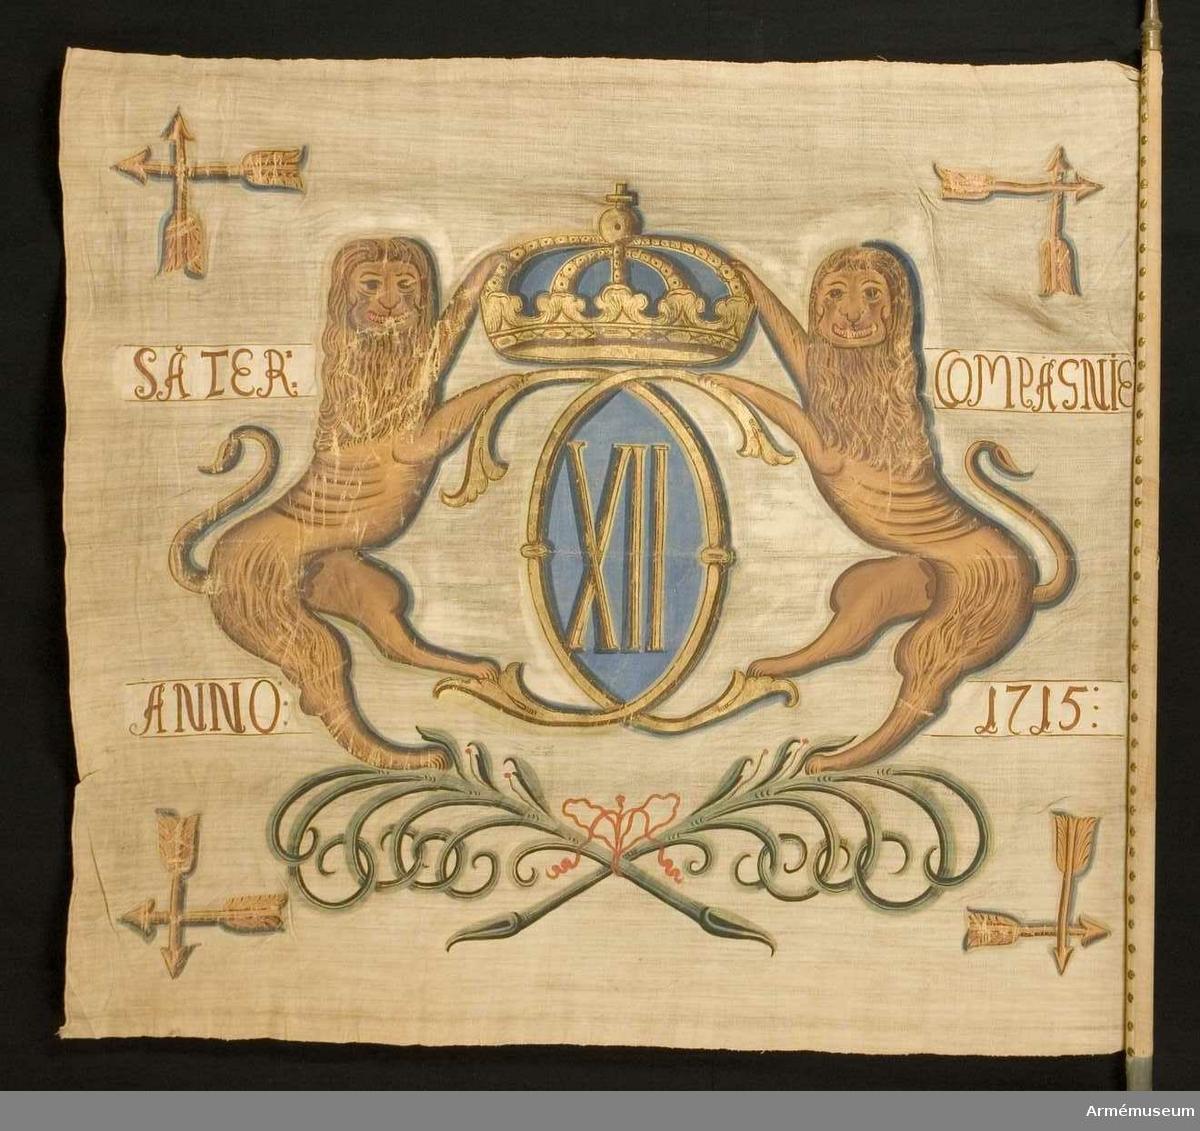 Duk: Tillverkad av enkel vit linnelärft. Två våder horisontellt sammankastade, med kastfållen åt insidan. Vertikala kantfållen lagd åt utsidan. Duken är fäst med en strumpa fastsydd runt stången, och därpå med mässingstennlickor på ett band. Bandet fortsätter ned på stången.  Dekor: Målad lika på båda sidor, texten på utsidan i brunt och på insidan i svart. Karl XII:s namnchiffer, dubbelt C inom vilket XII, under sluten krona, allt i guld. Chiffret är uppburet av två gulbruna lejon, som står på två korsade och med en mycket liten rosett i rött hopbundna palmkvistar (lagerkvistar?) i grönt med mycket små röda bär i svart. I hörnen två korslagda dalpilar. Text skriven på ömse sidor om chiffret, utanför lejonen i gult.  Stång: Tillverkad av trä och blåmålad.